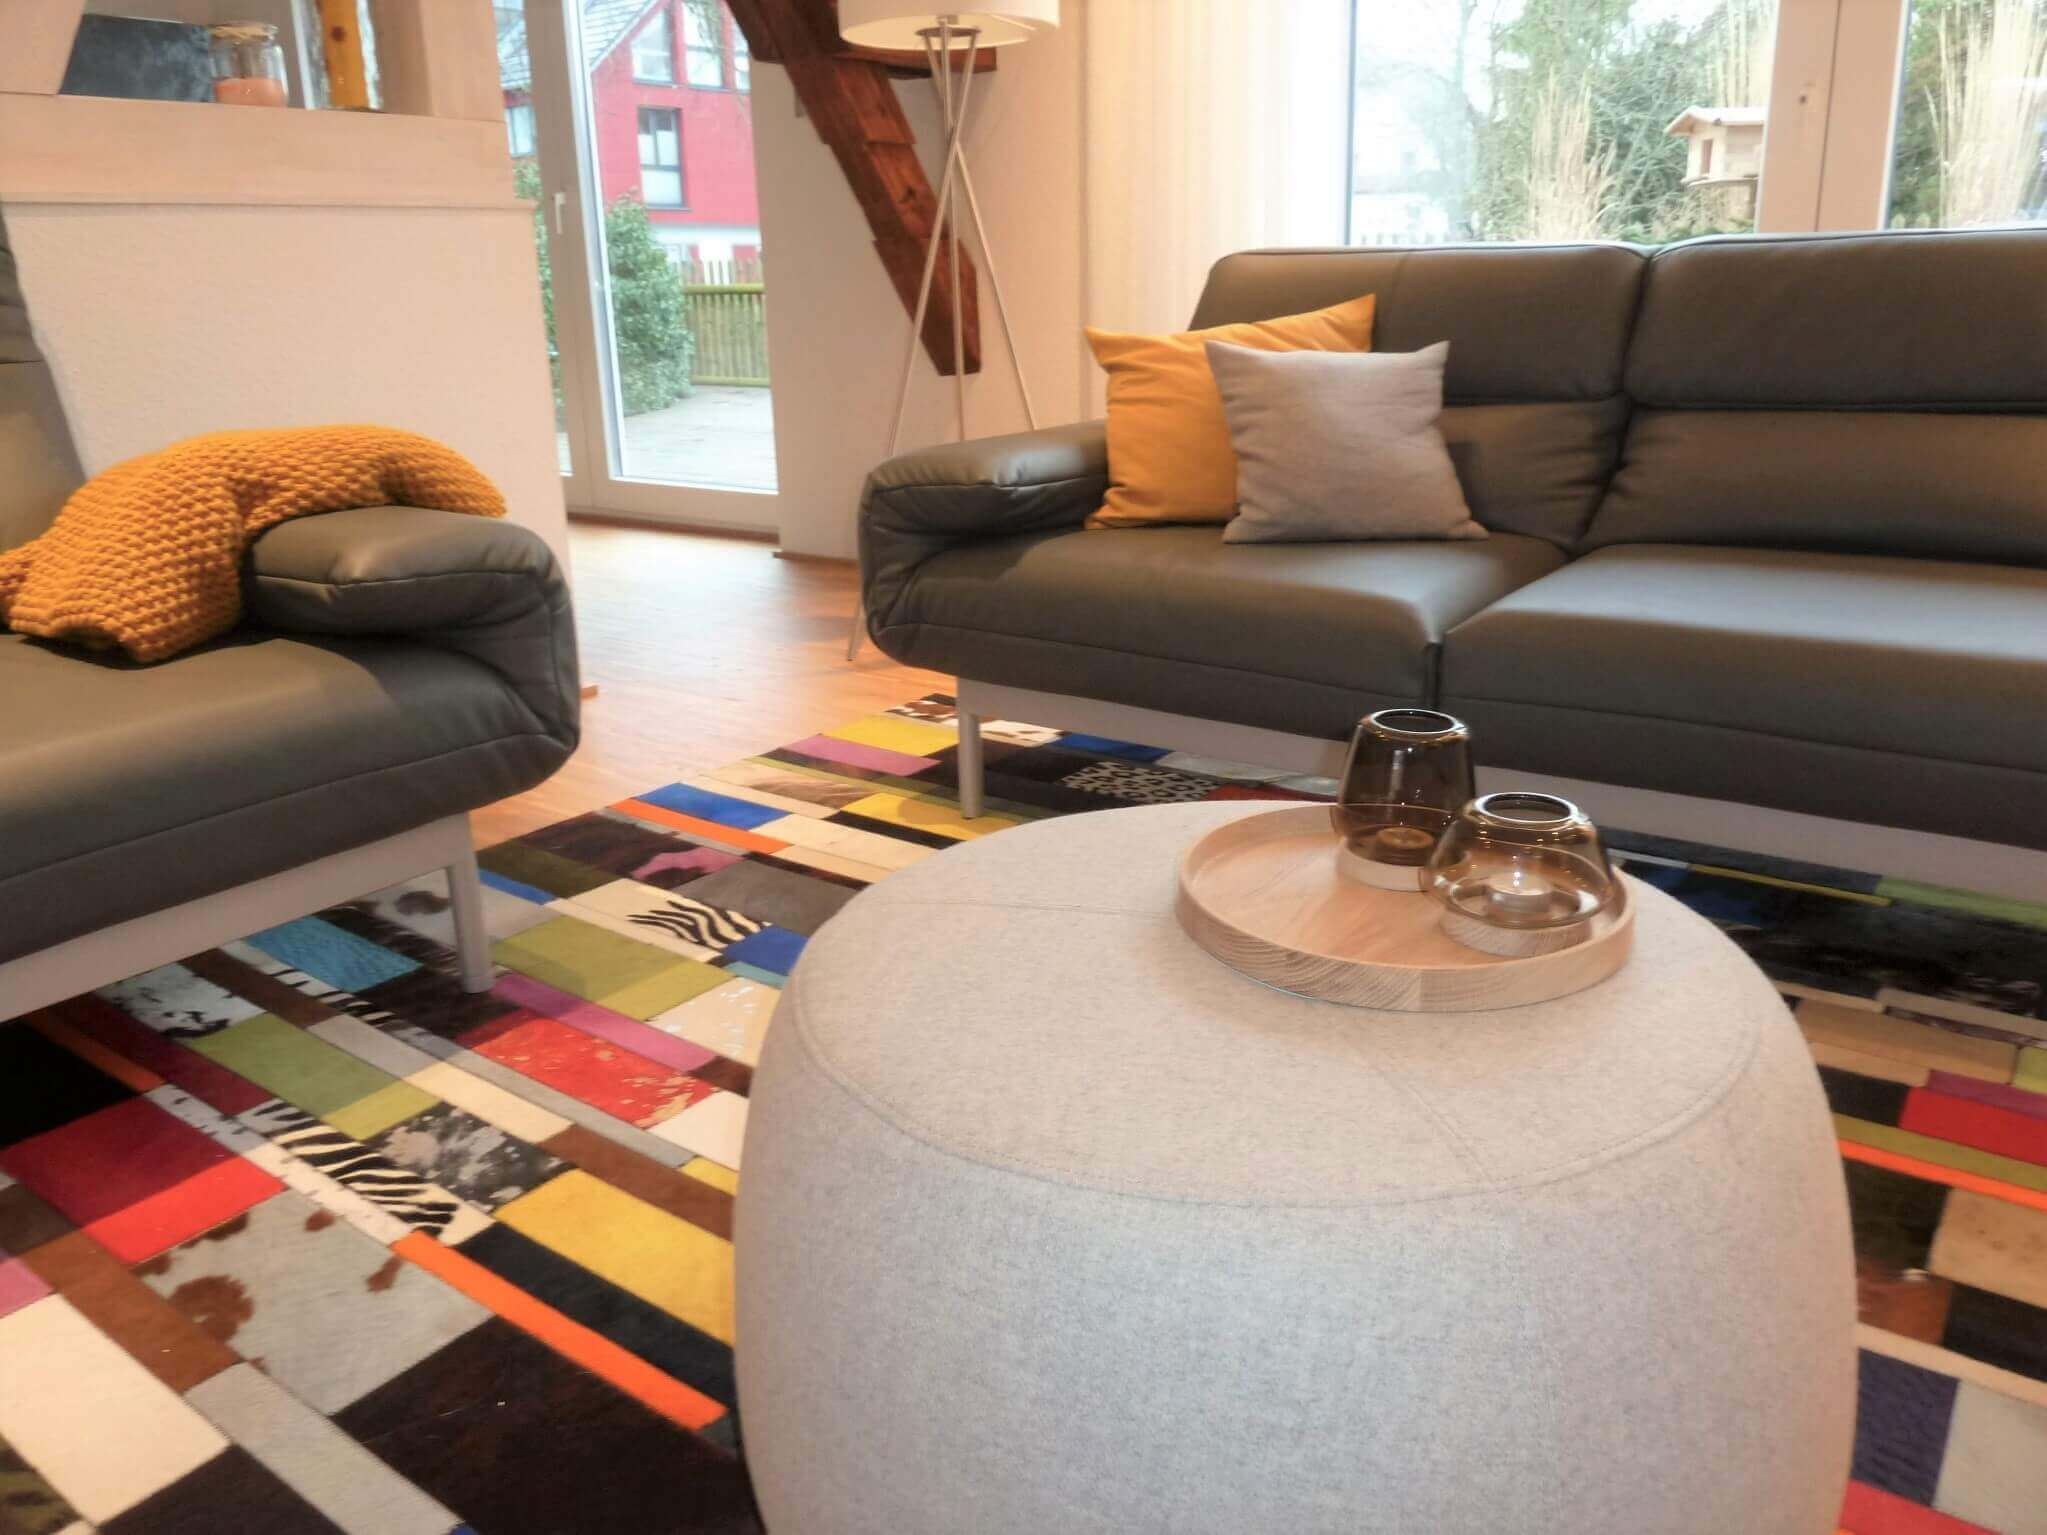 Wohnung Dekorieren: Meine 5 Tipps Zu Einem Perfekt Dekoriertem Raum